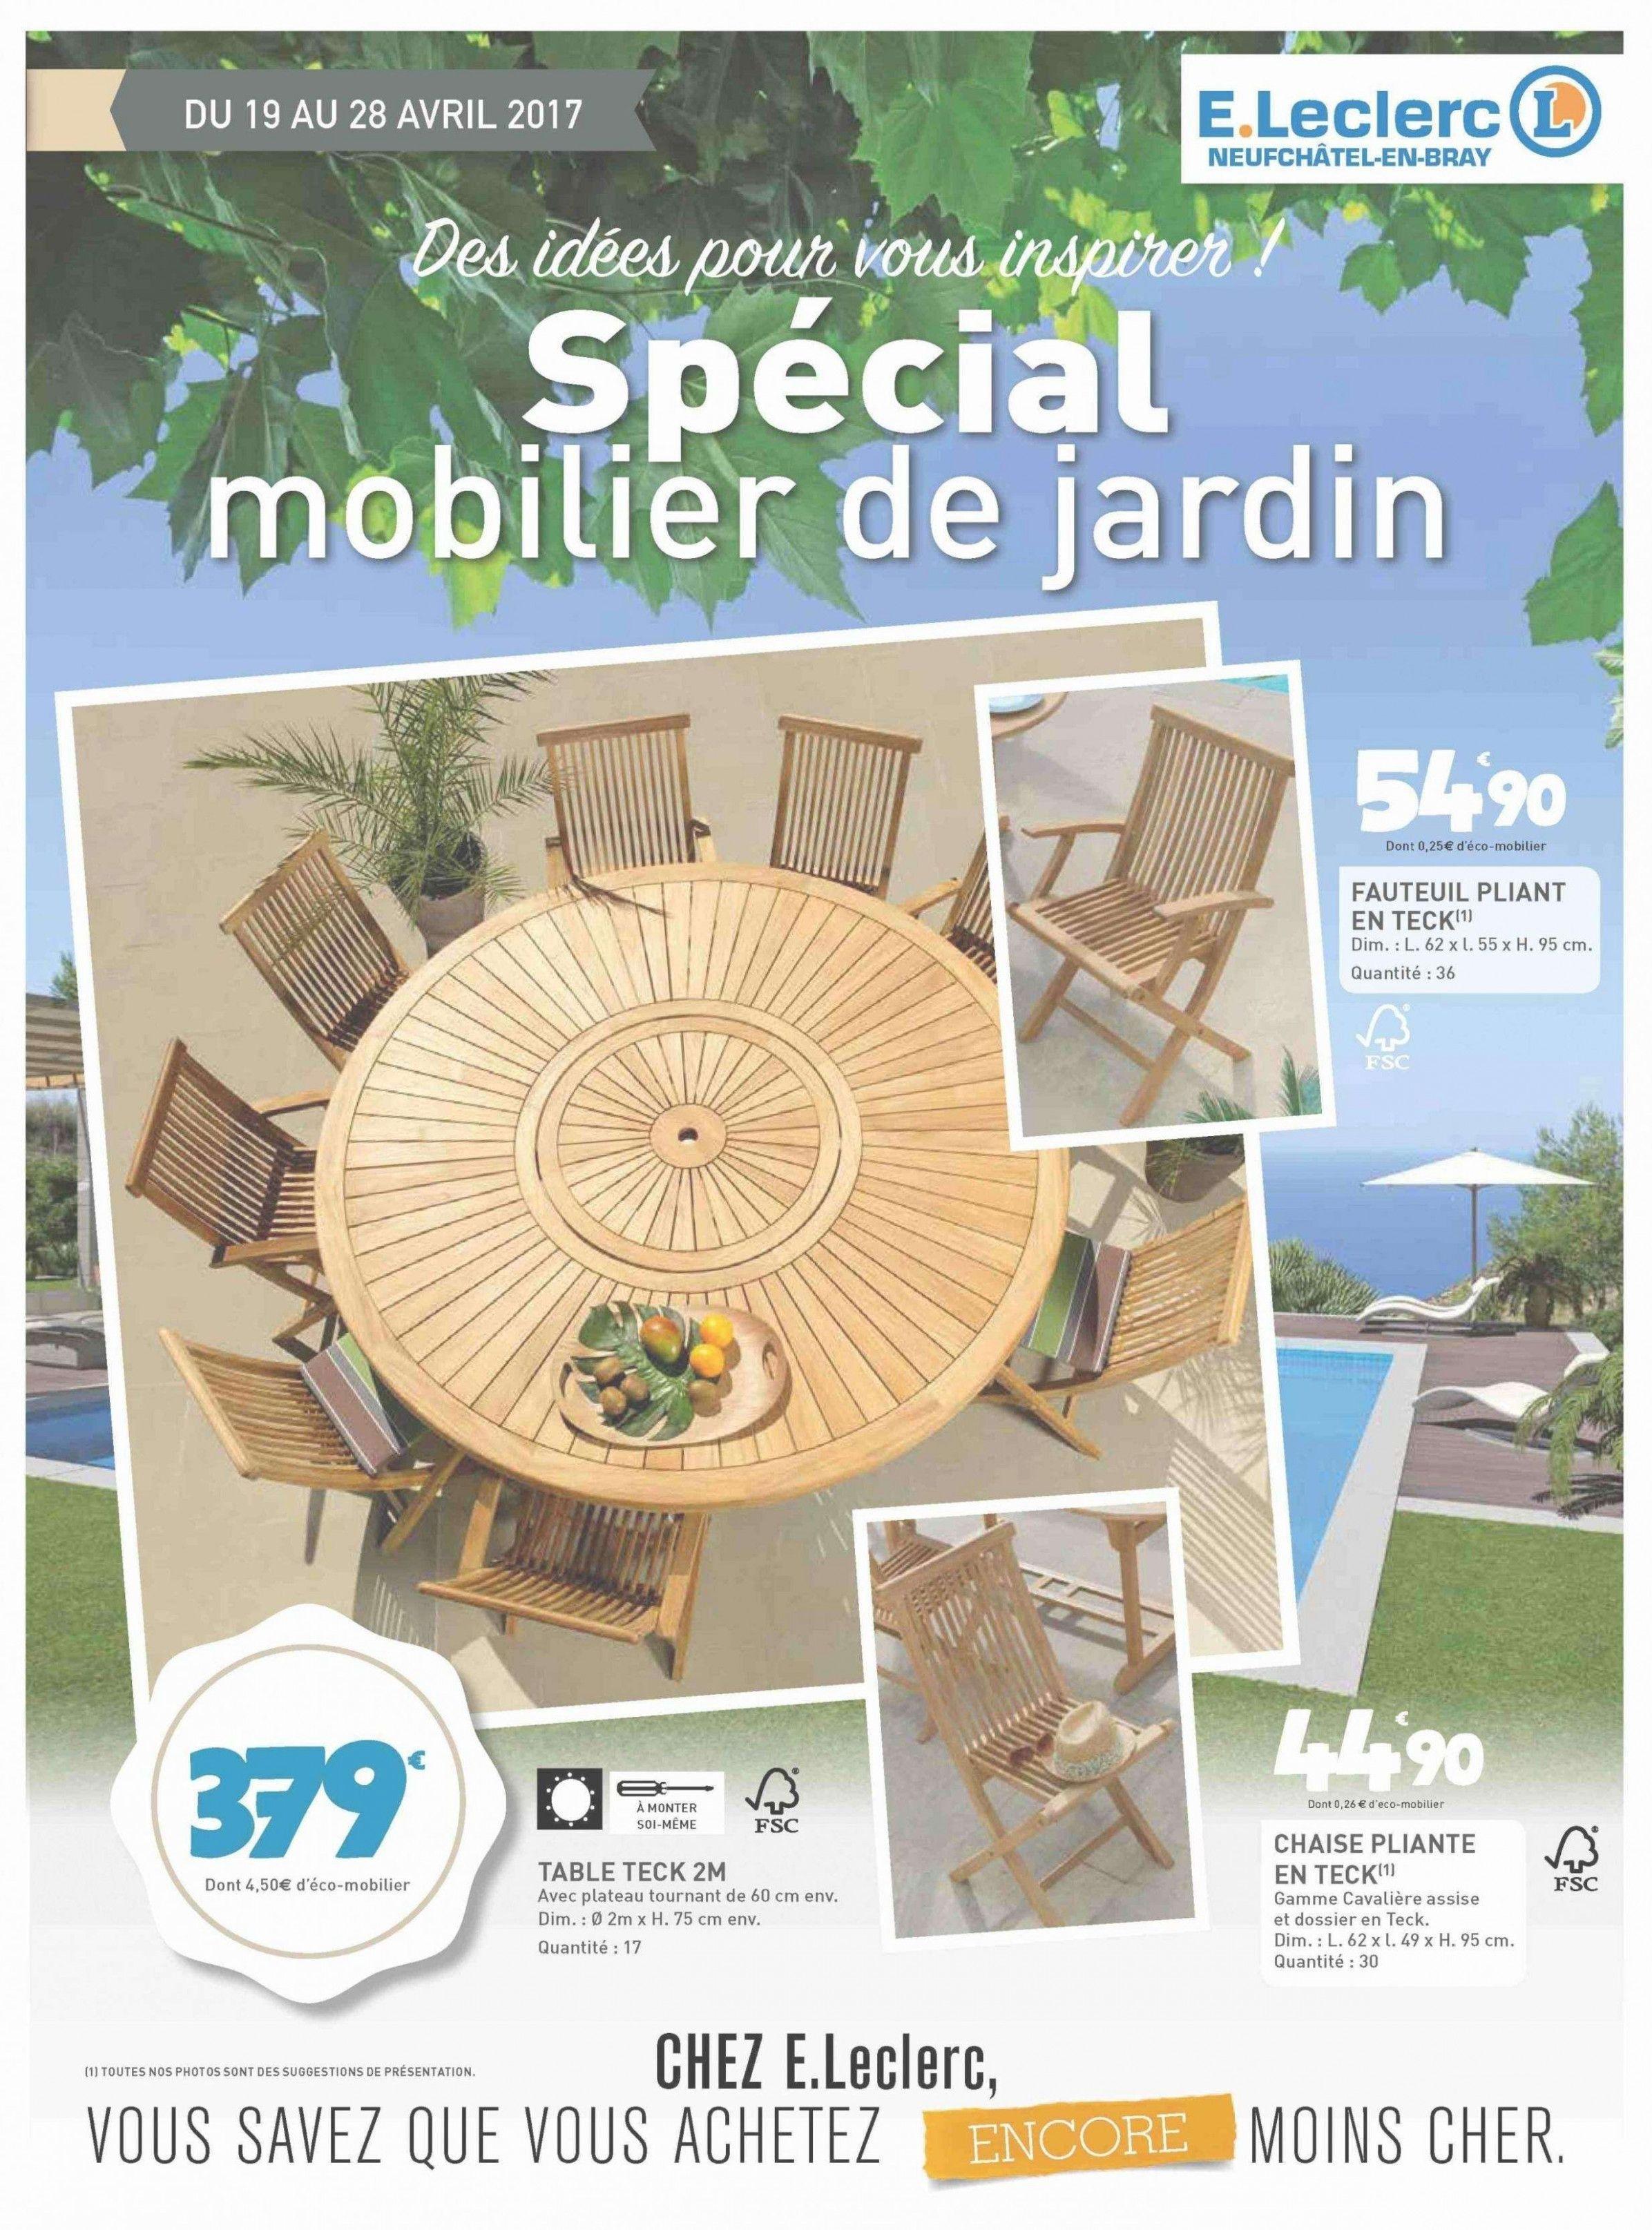 leclerc mobilier de jardin table